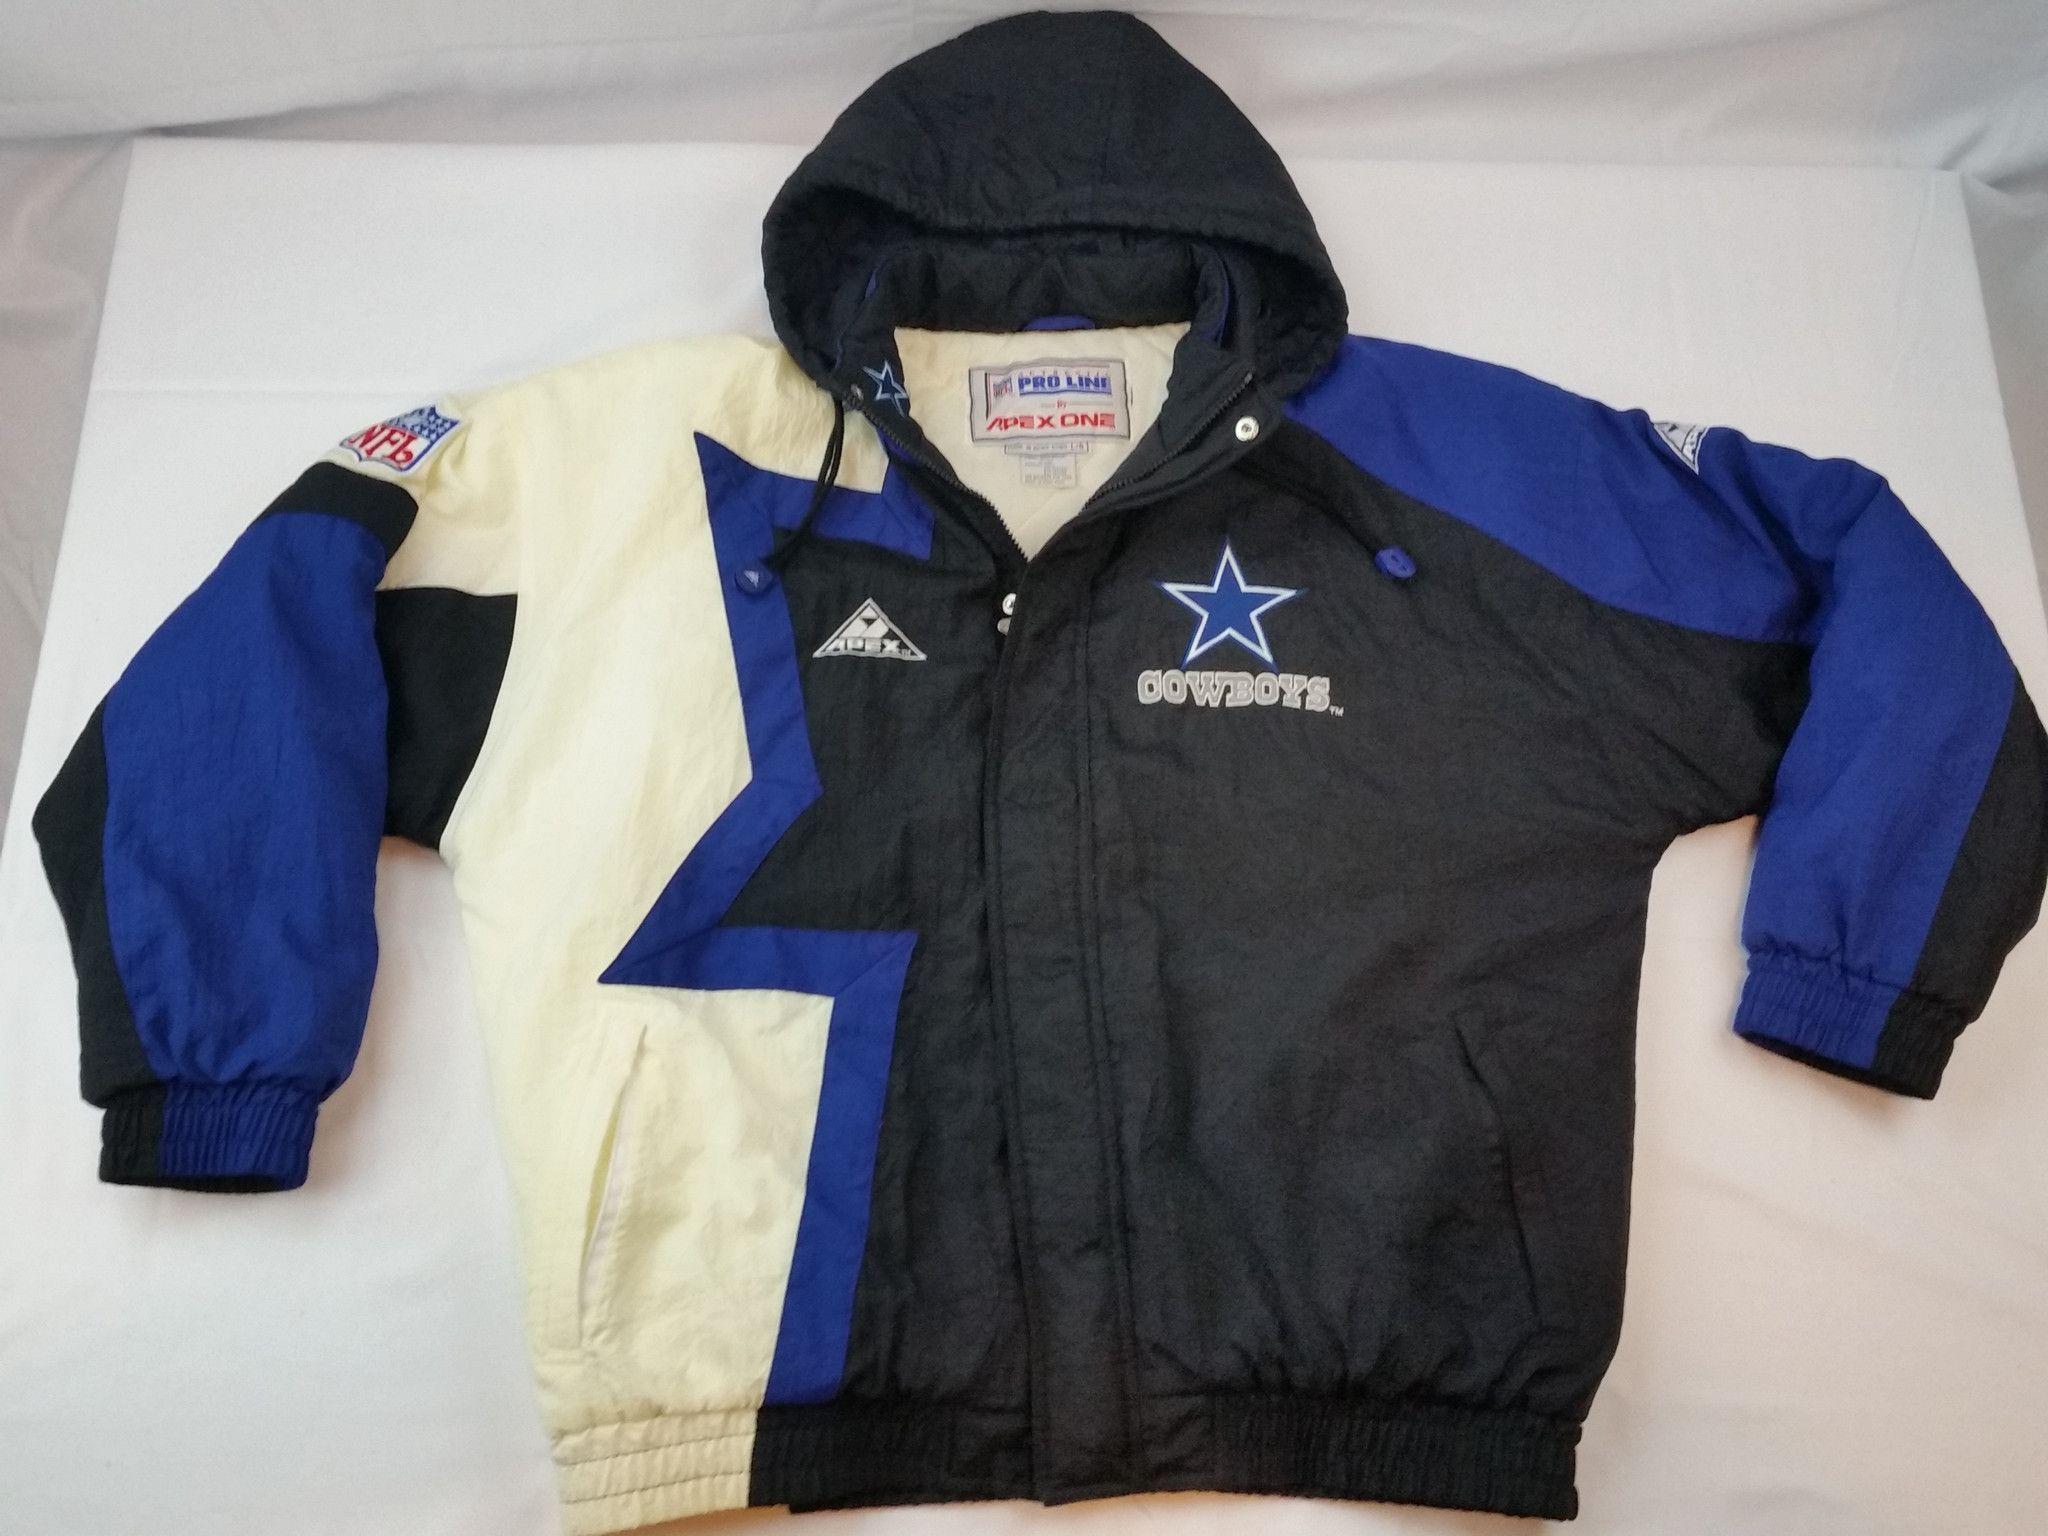 5399b873d Dallas Cowboys Apex Jacket Vintage NFL Pro Line Coat Parka Pullover Rare  Mens L